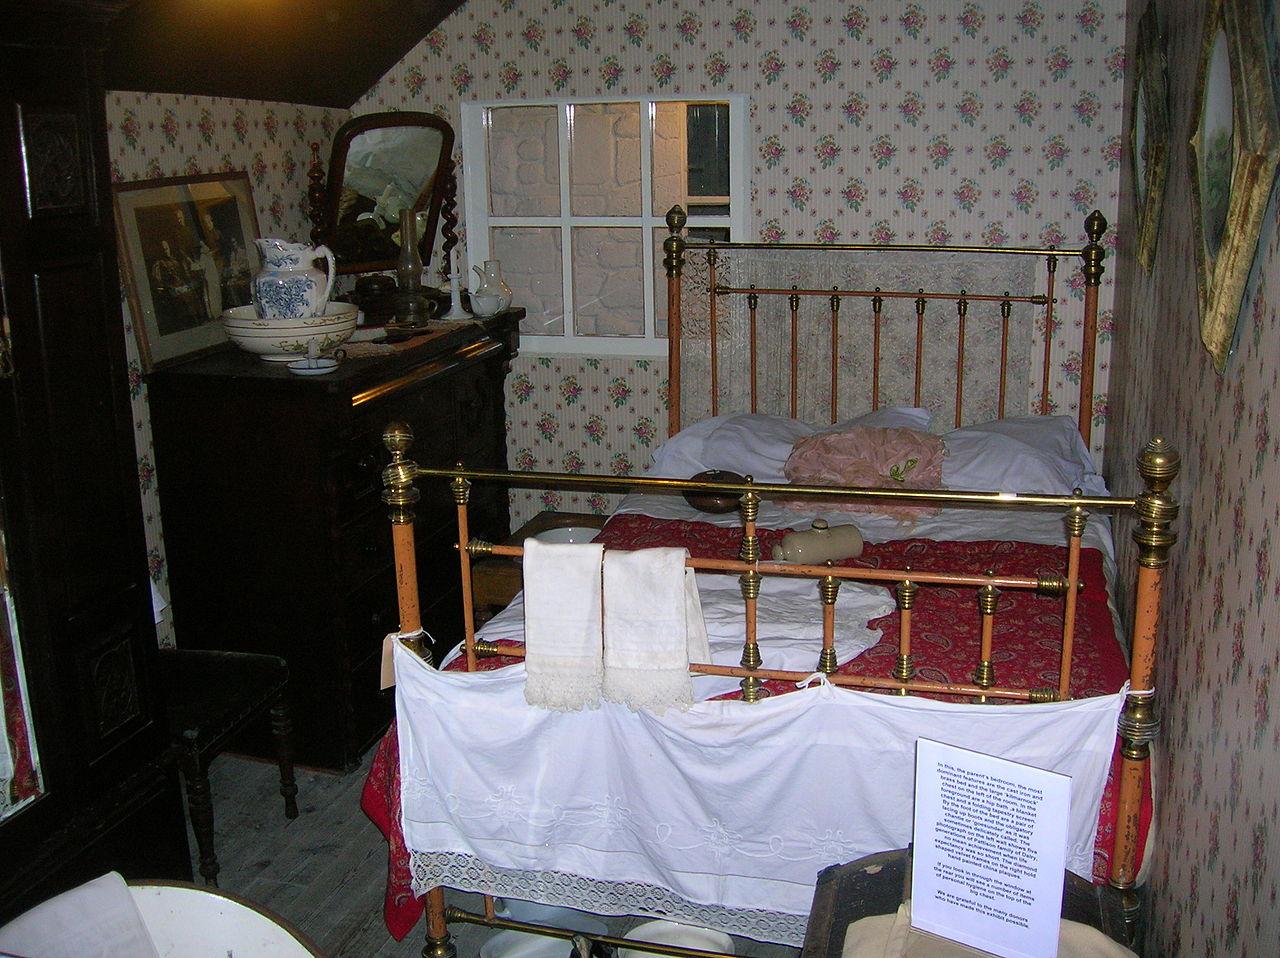 Victorian Bedroom Filethe Victorian Bedroom At Dalgarvenjpg Wikimedia Commons